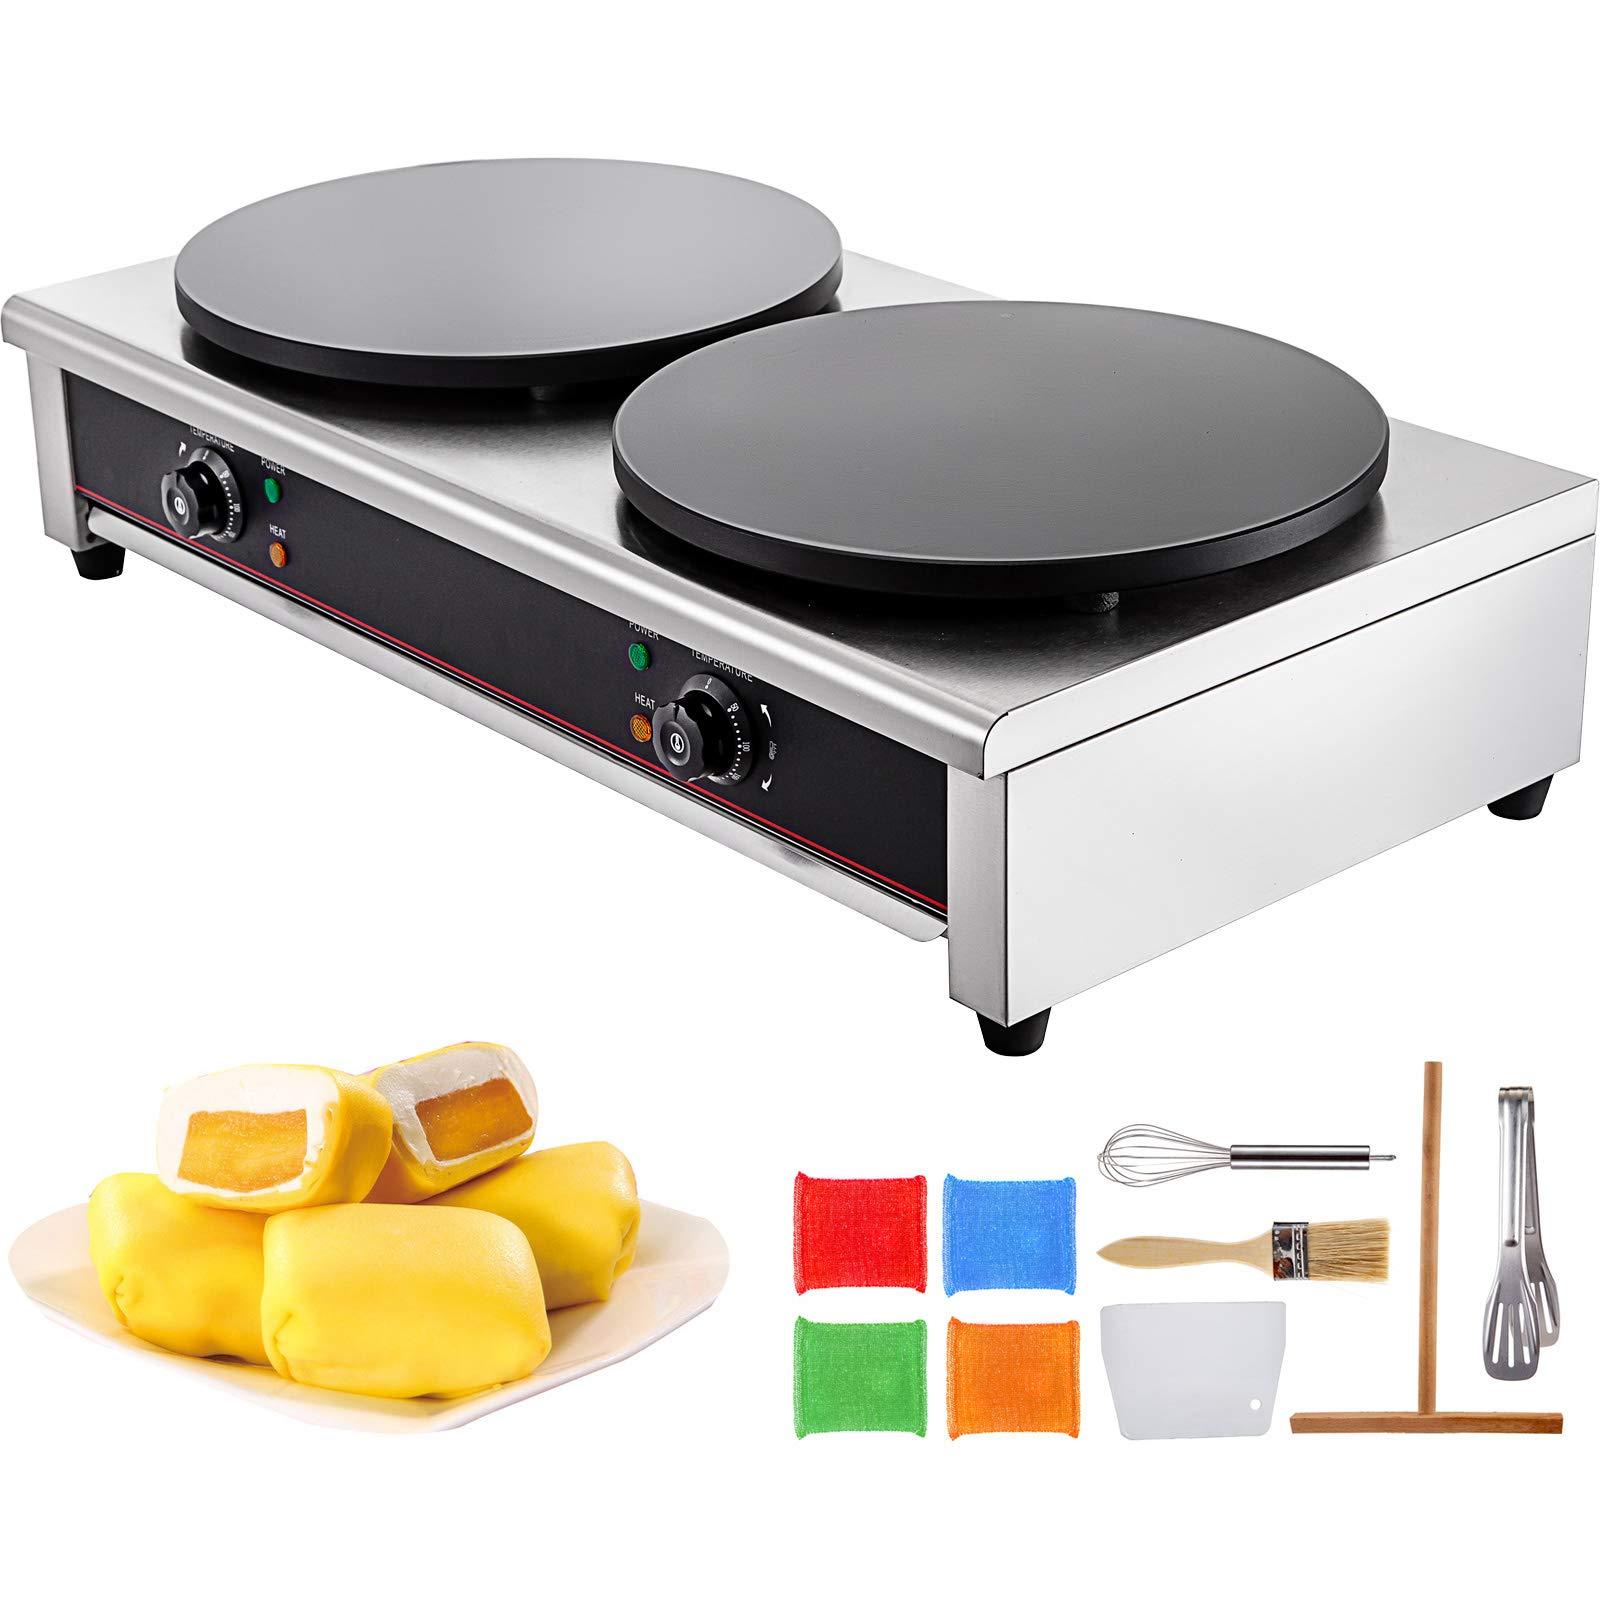 VBENLEM Commercial Crepe Maker 15.7-Inch Electric Crepe Maker 6KW Industrial Crepe Maker with Double Diameter Heating Plates 220V 50-300℃ for Pancake Pan Griddle